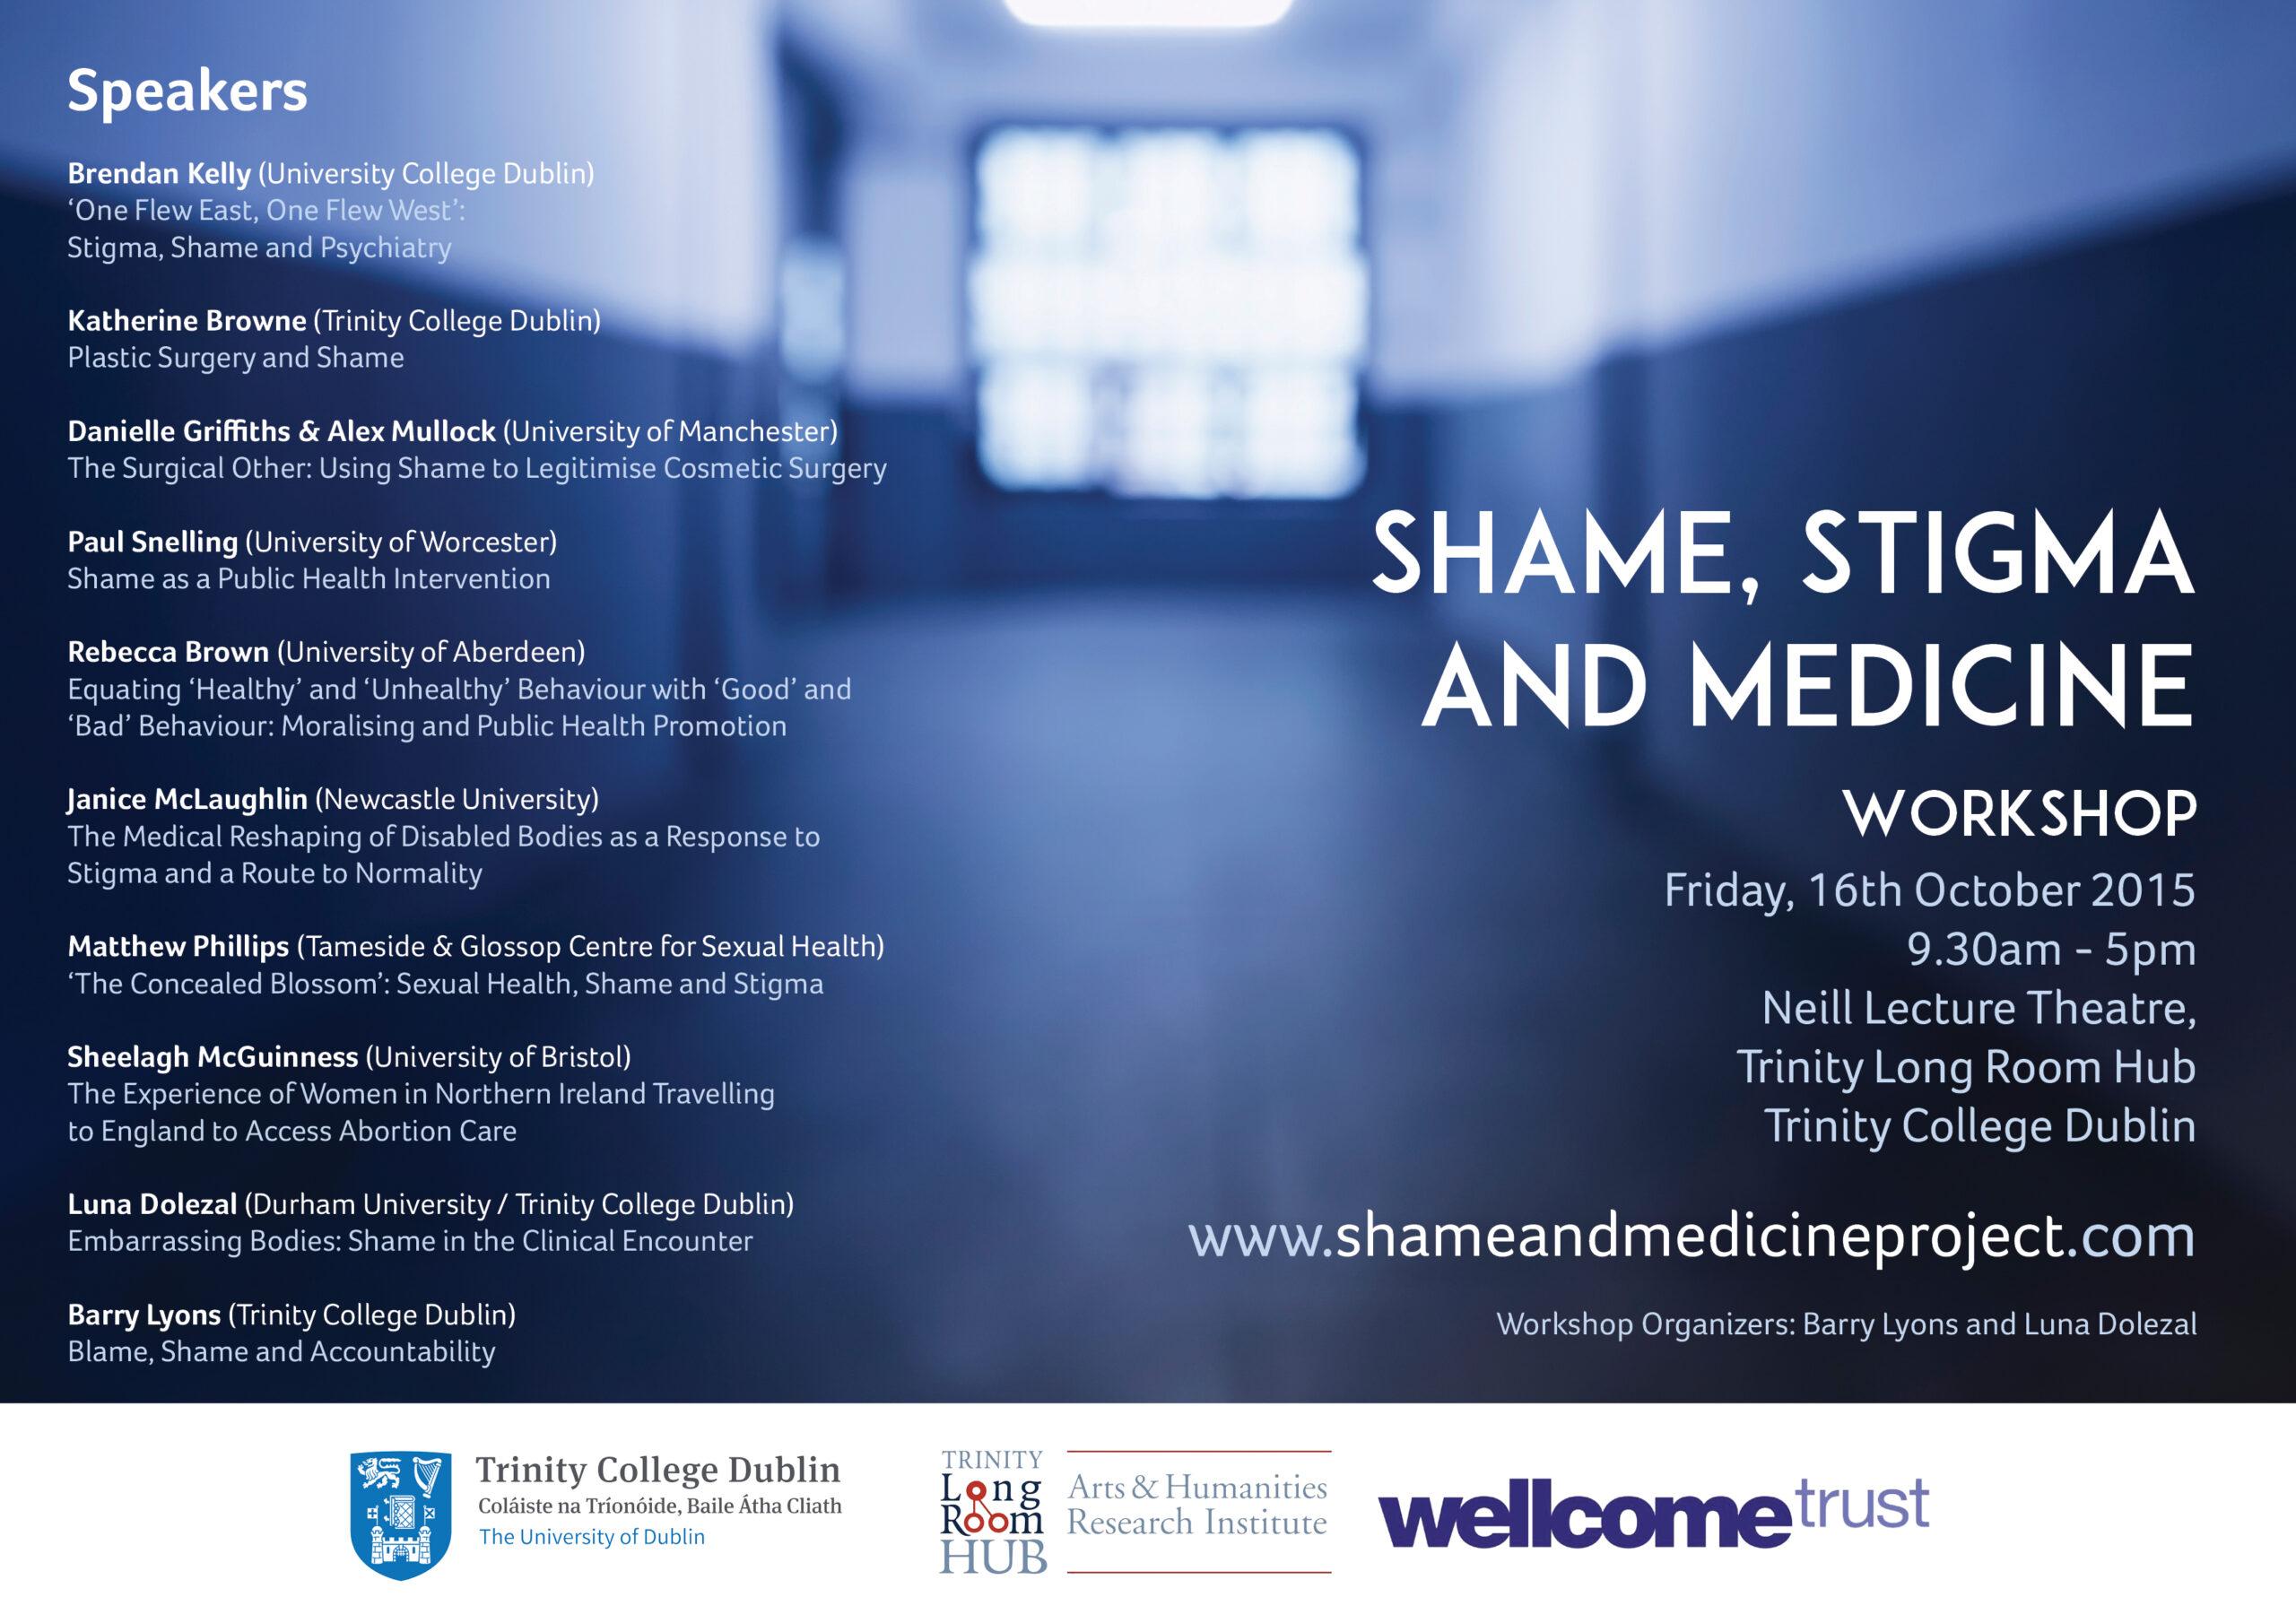 The Shame, Stigma and Medicine Workshop